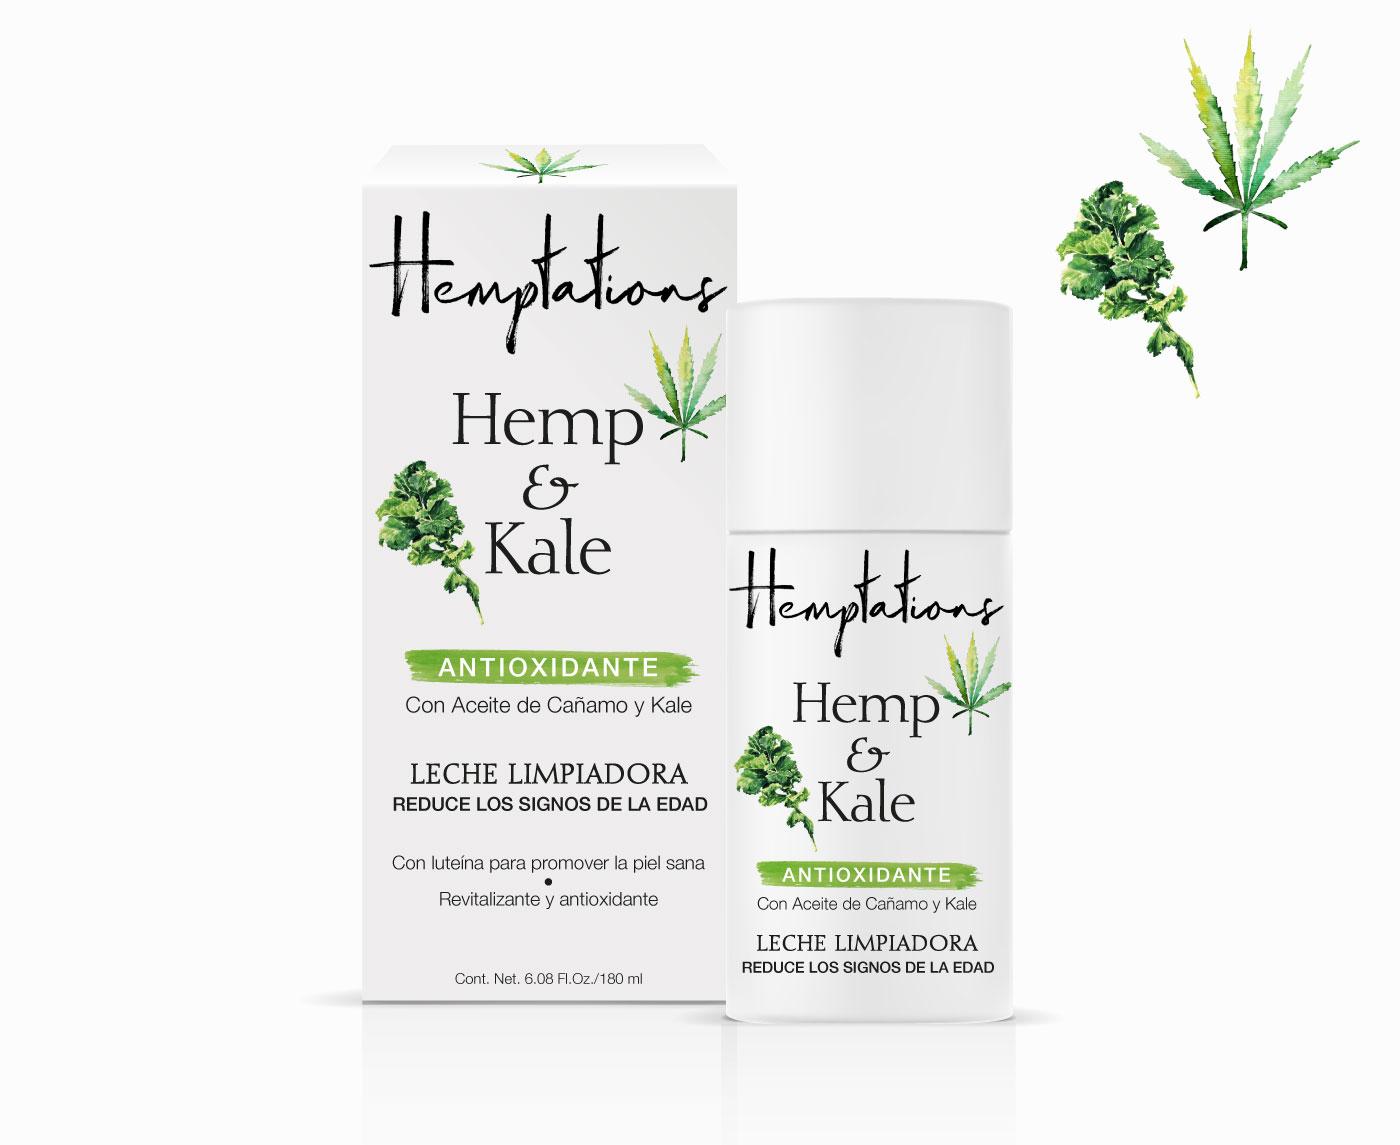 Packaging cosmético derivado del cannabis Hemptations